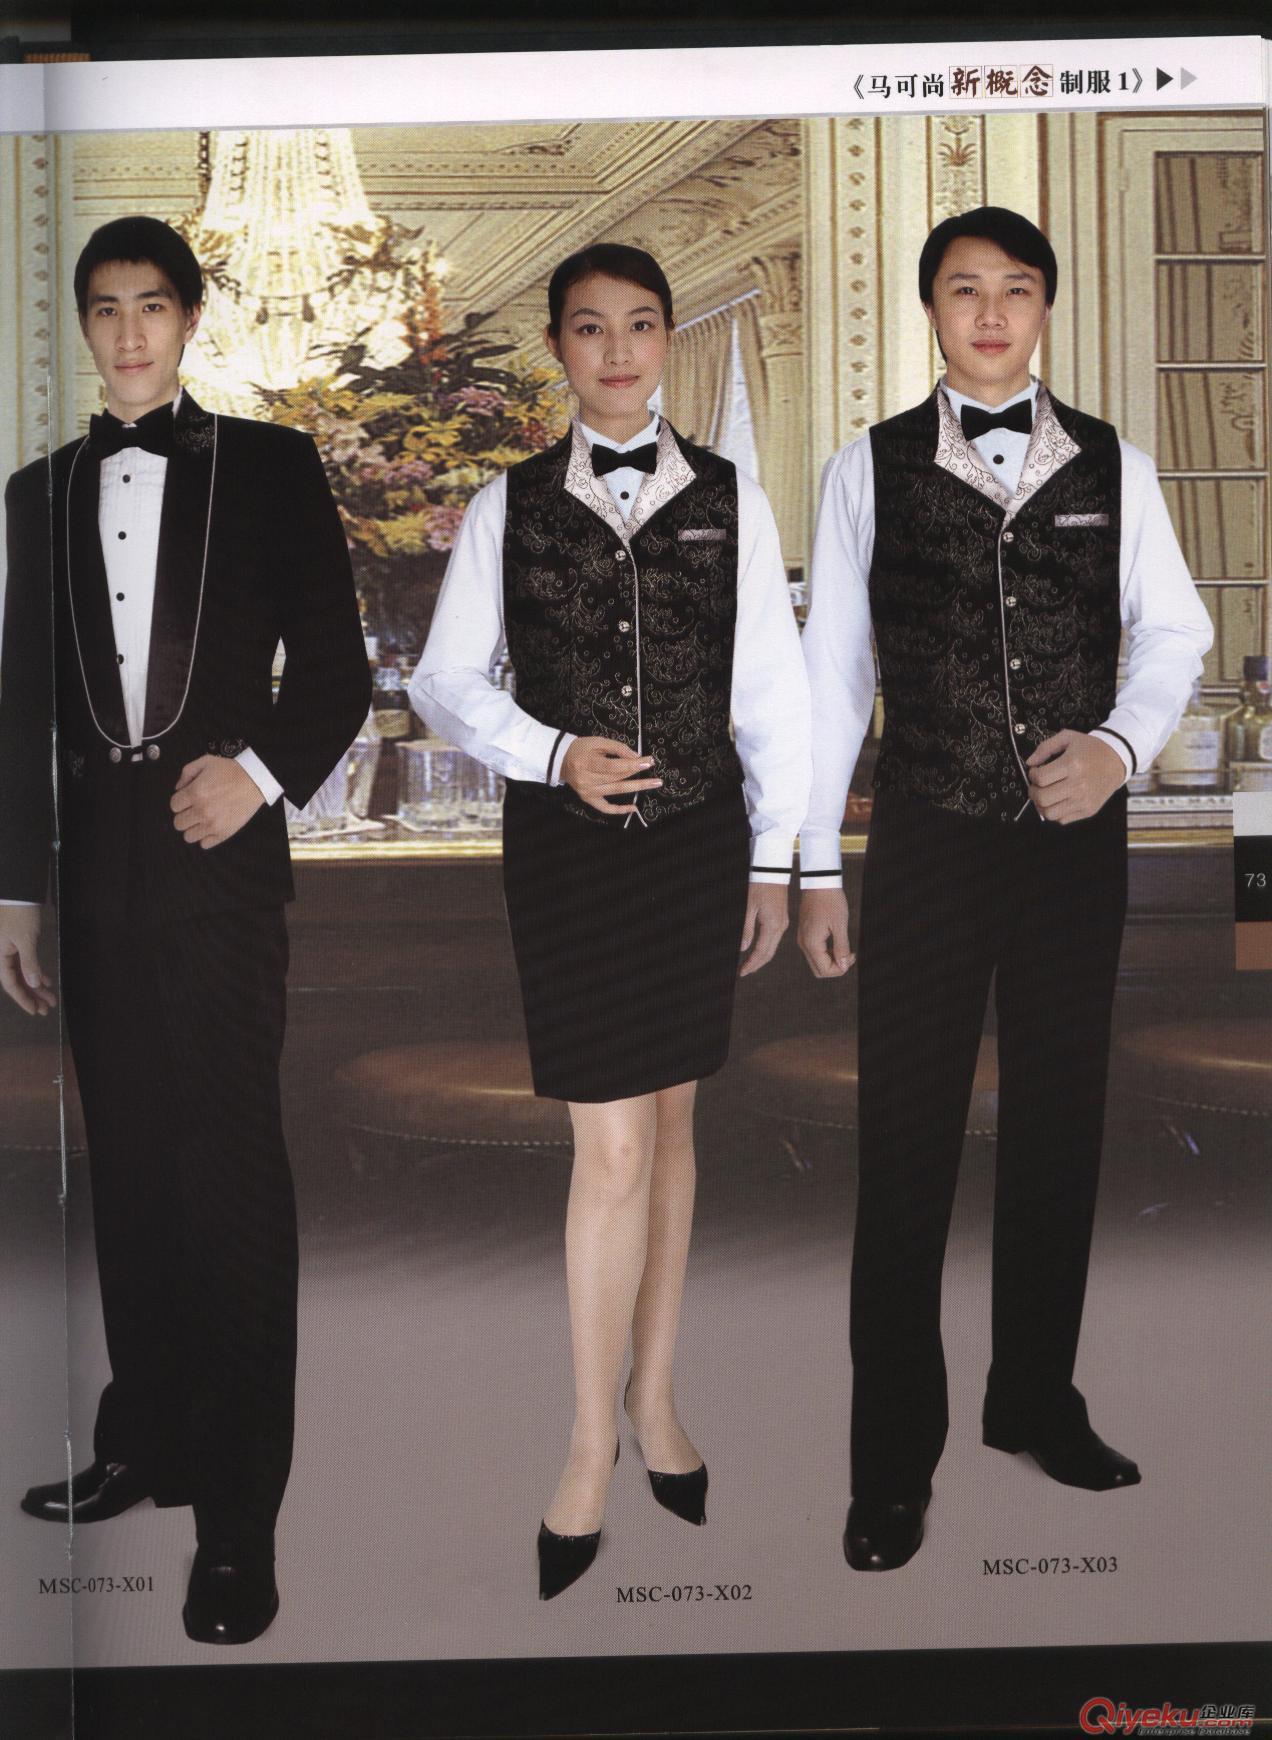 深圳訂做西餐廳制服|深圳酒店工作服訂做